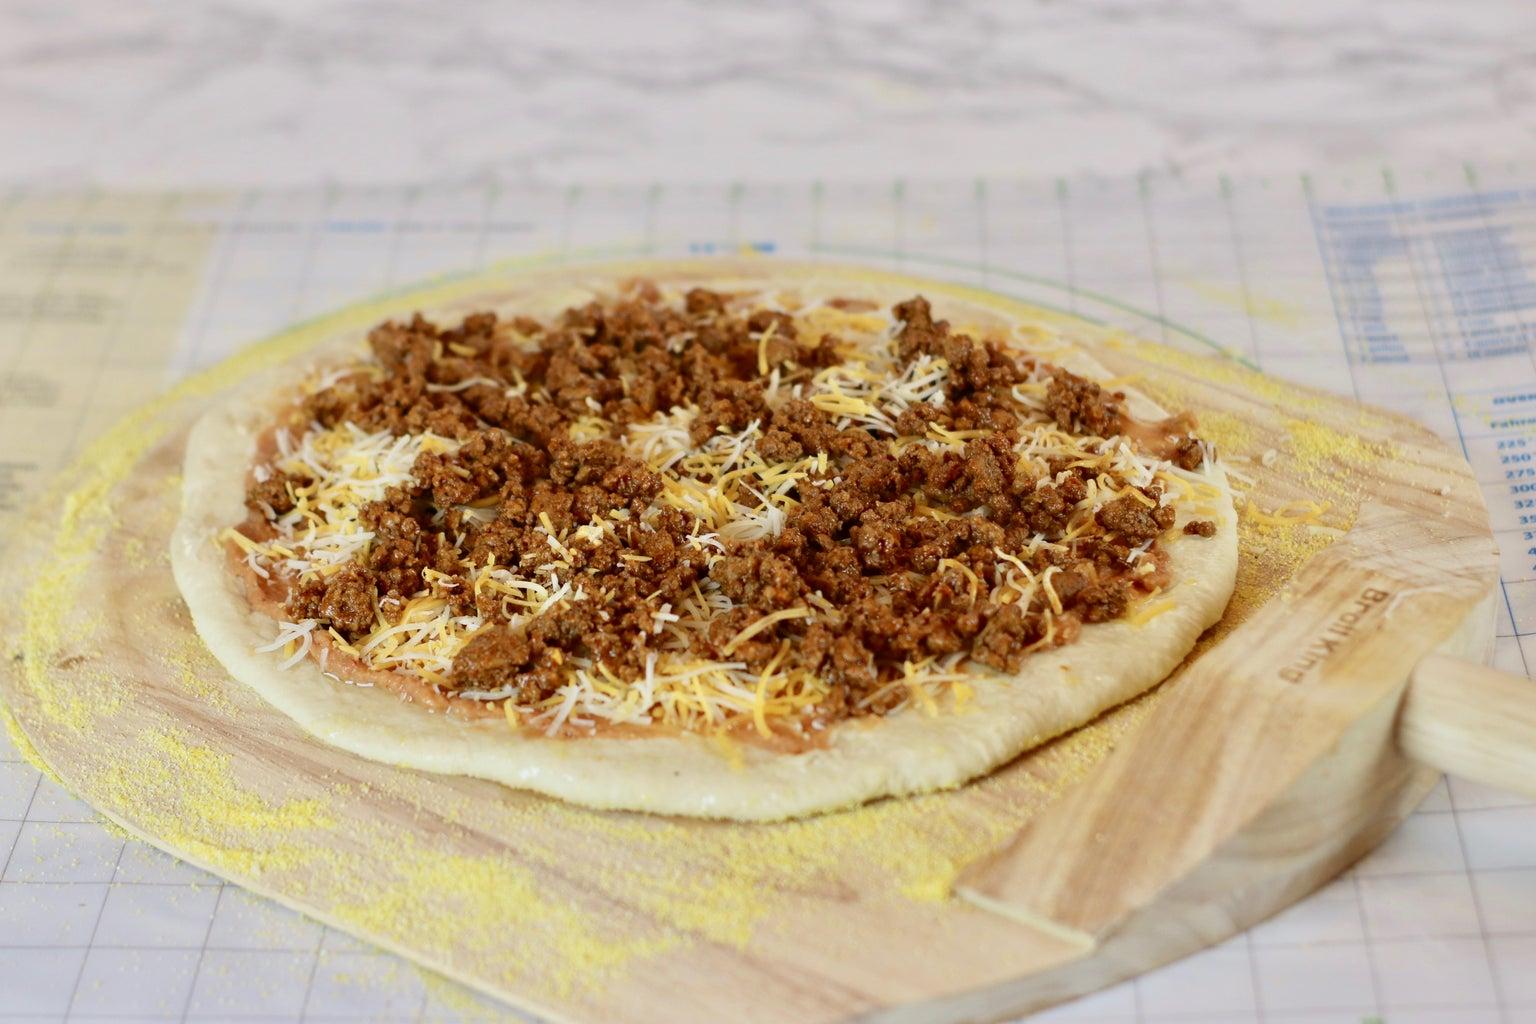 Recipe 2: Taco Pizza